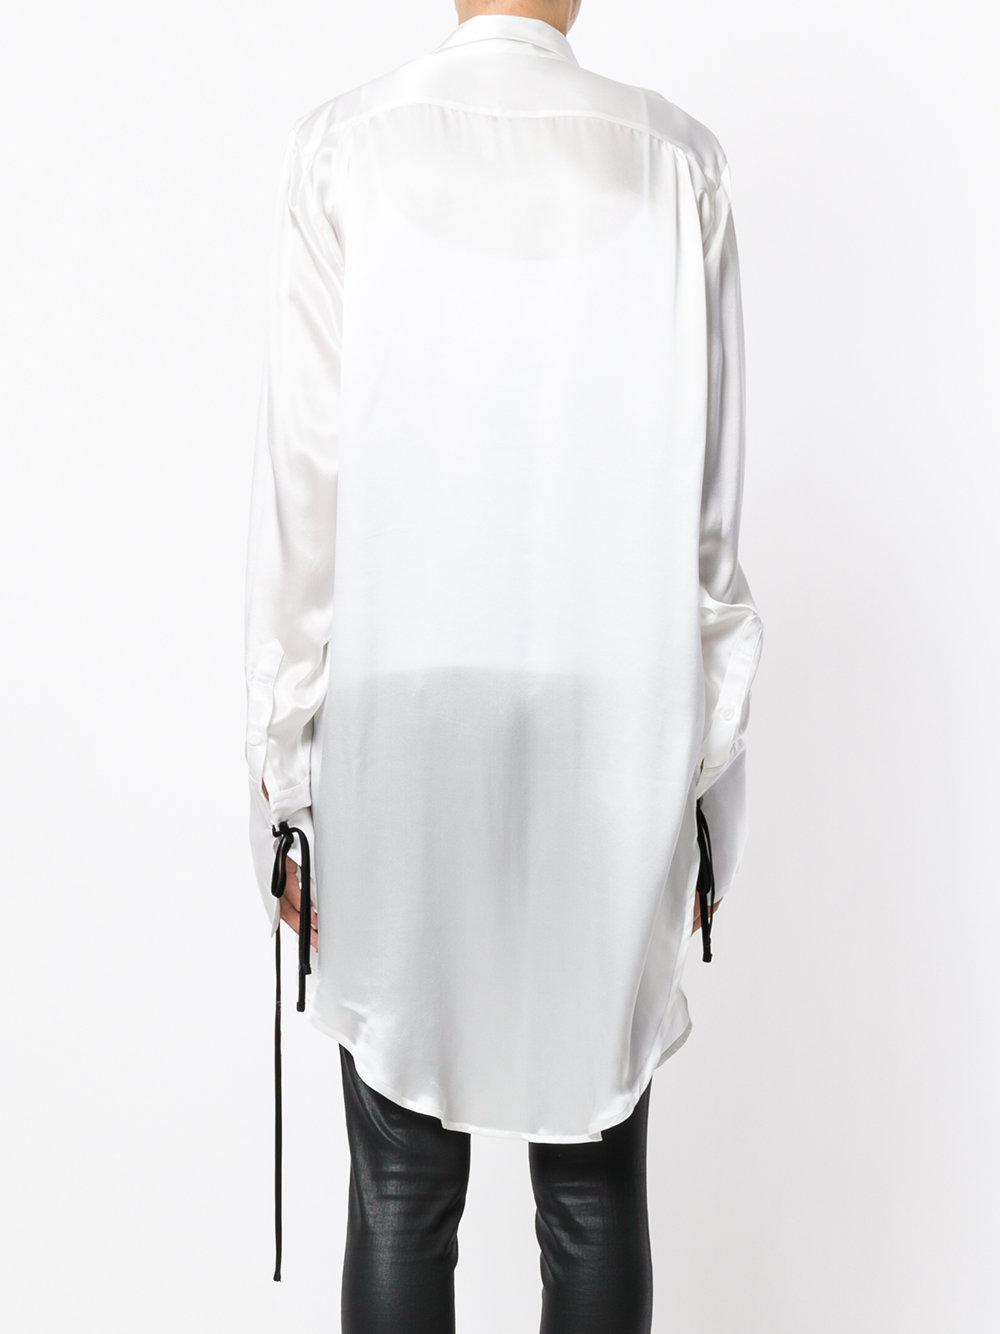 Ann Demeulemeester Silk June Shirt in White